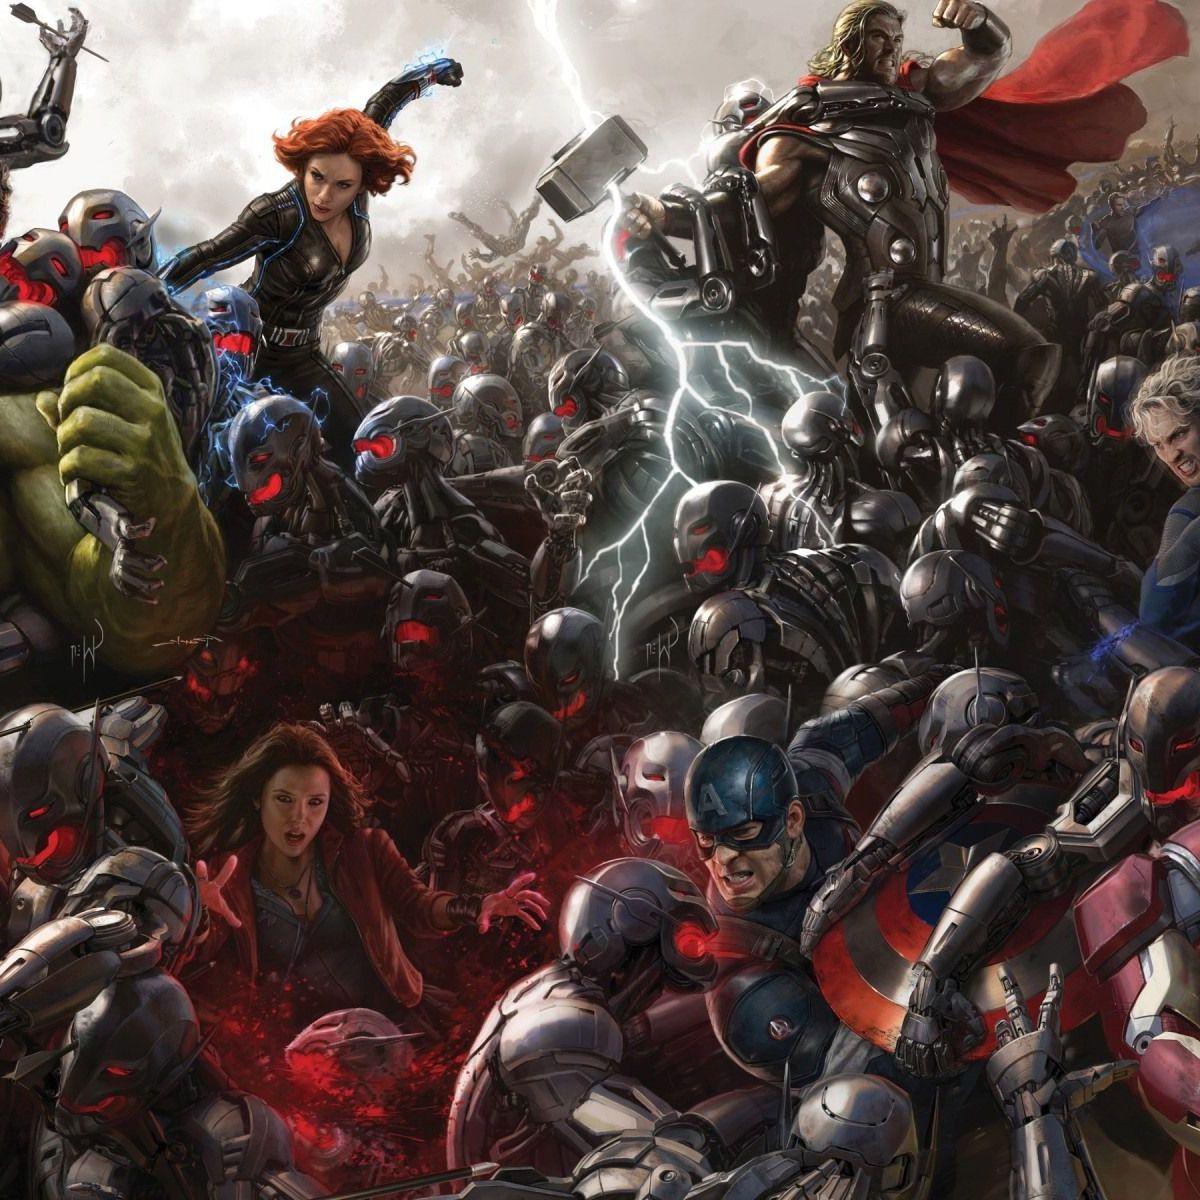 Avengers-Age-of-Ultron-art-poster.jpg